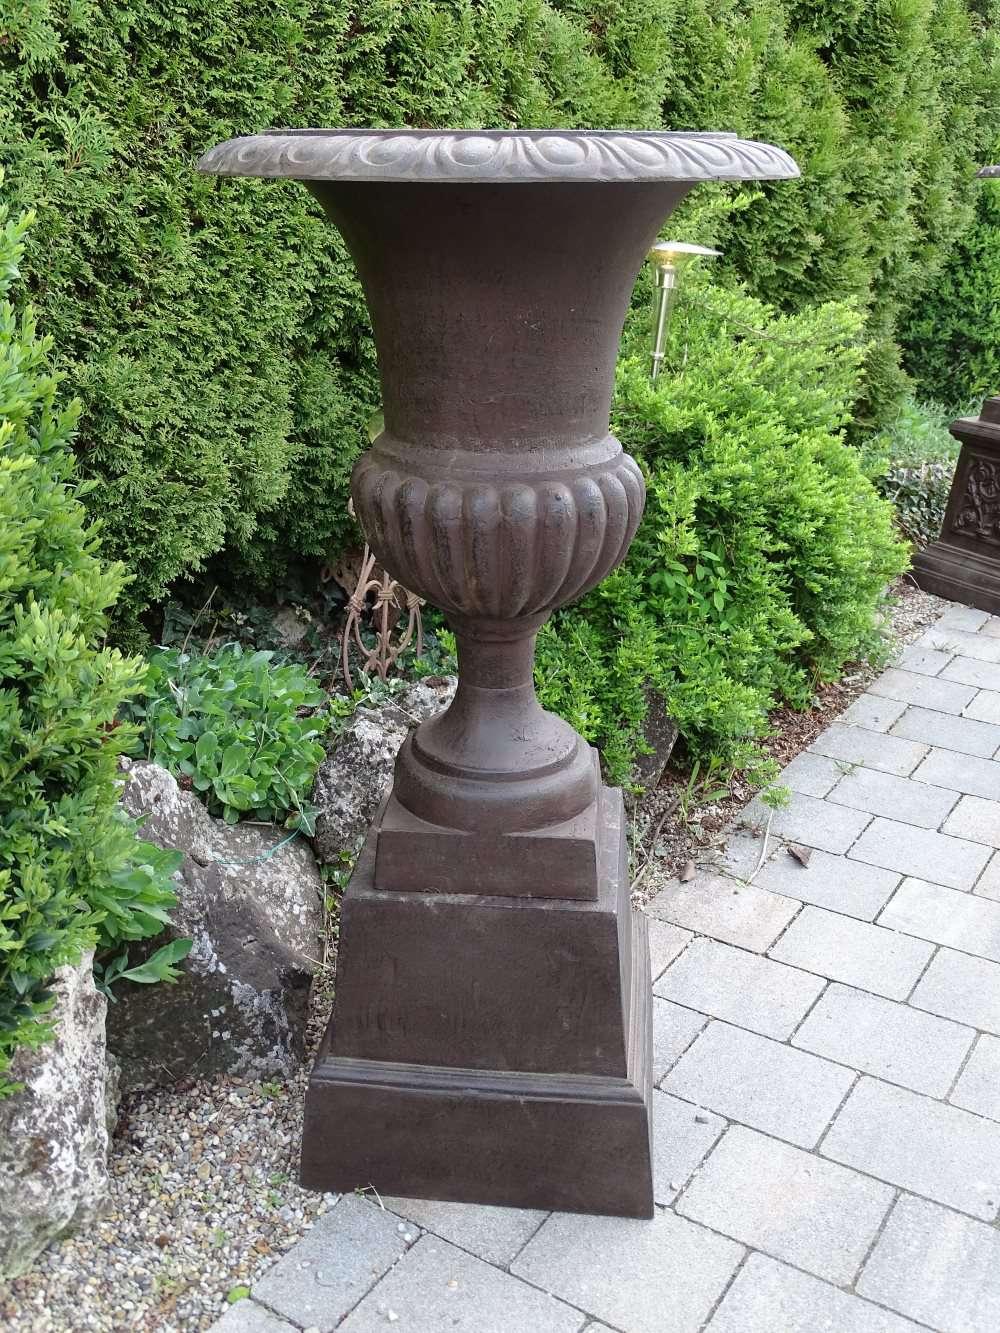 louvre vase 70 eisen auf sockel 02 1280x1280 2x